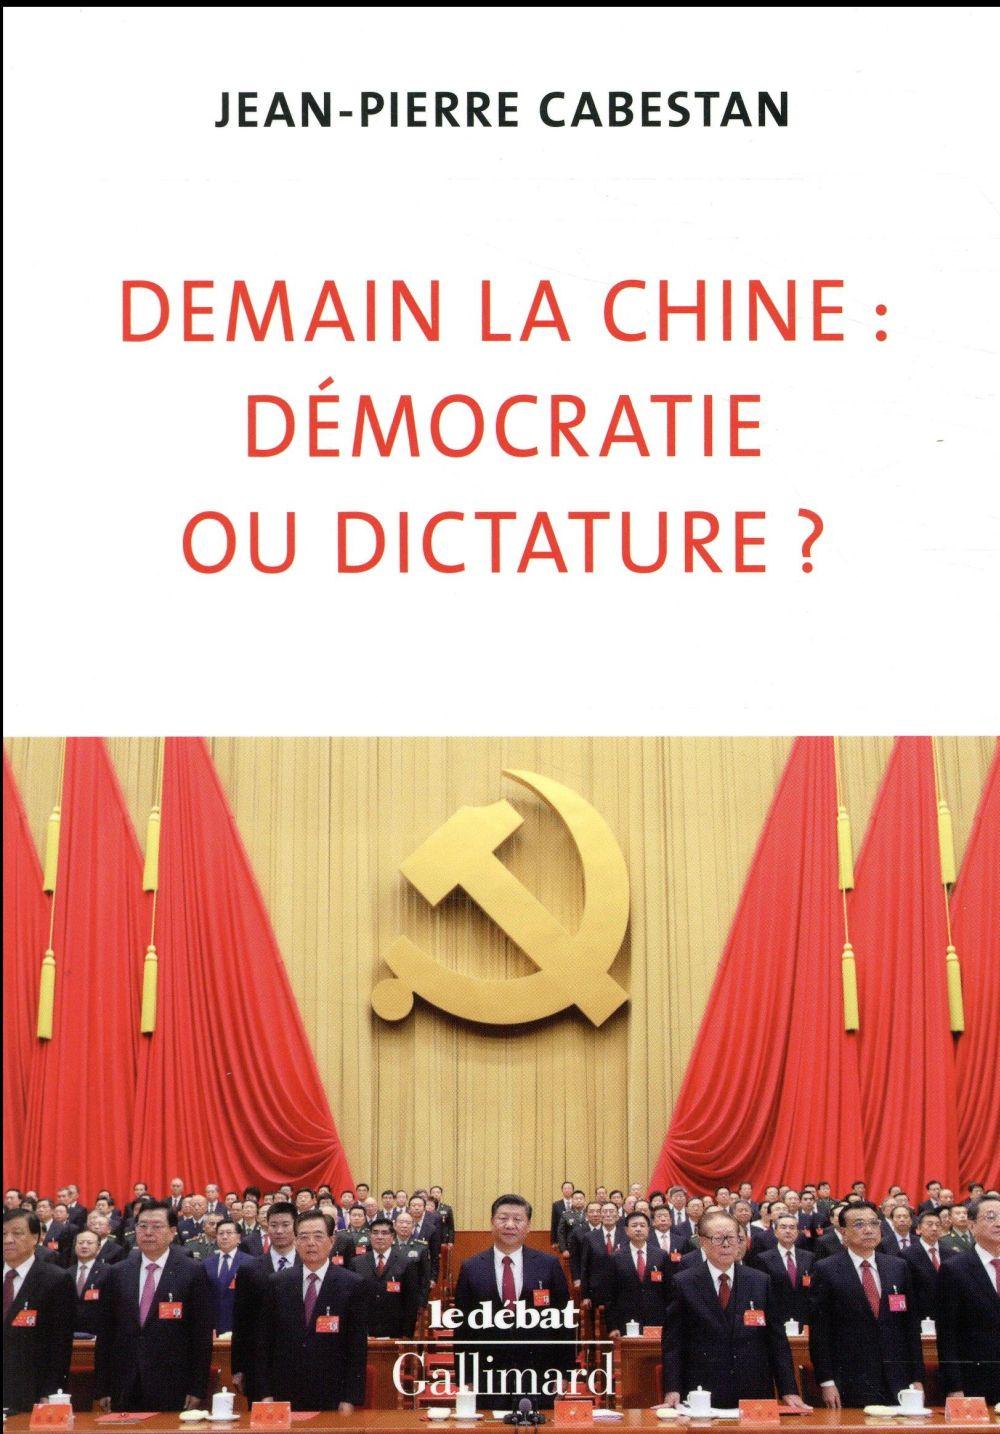 CABESTAN, JEAN-PIERR - DEMAIN LA CHINE : DEMOCRATIE OU DICTATURE ?